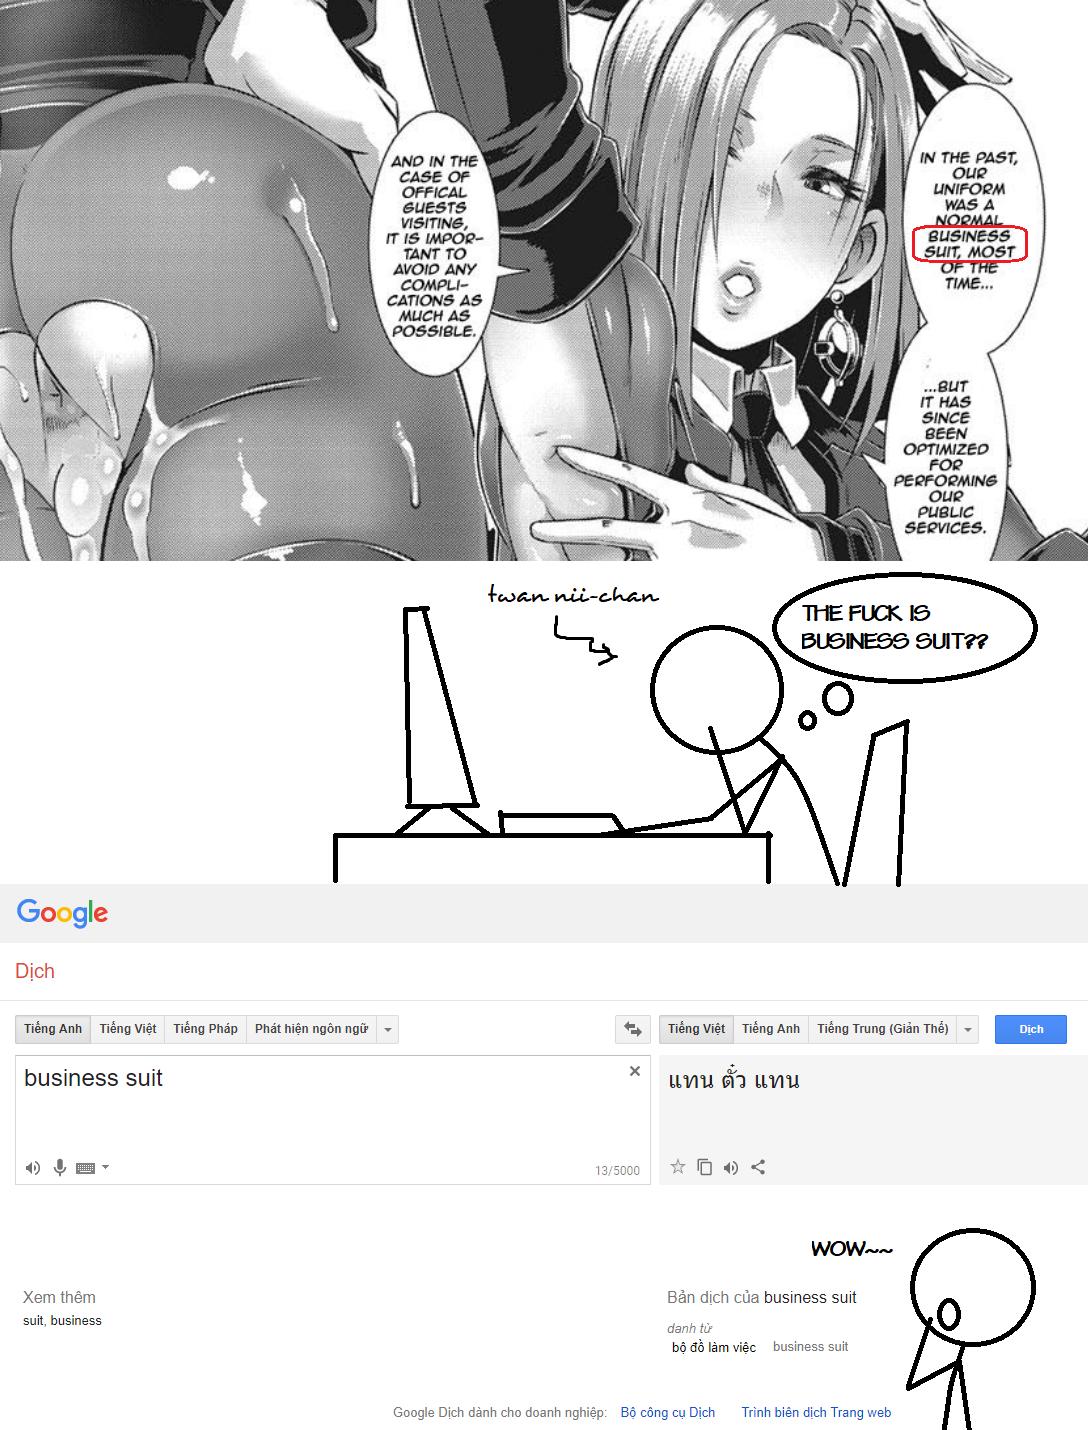 HentaiVN.net - Ảnh 25 - Cục Sĩ quan Điều tra Tình Dục S.D.P.O - Sexual Desire Processing Officers - Oneshot